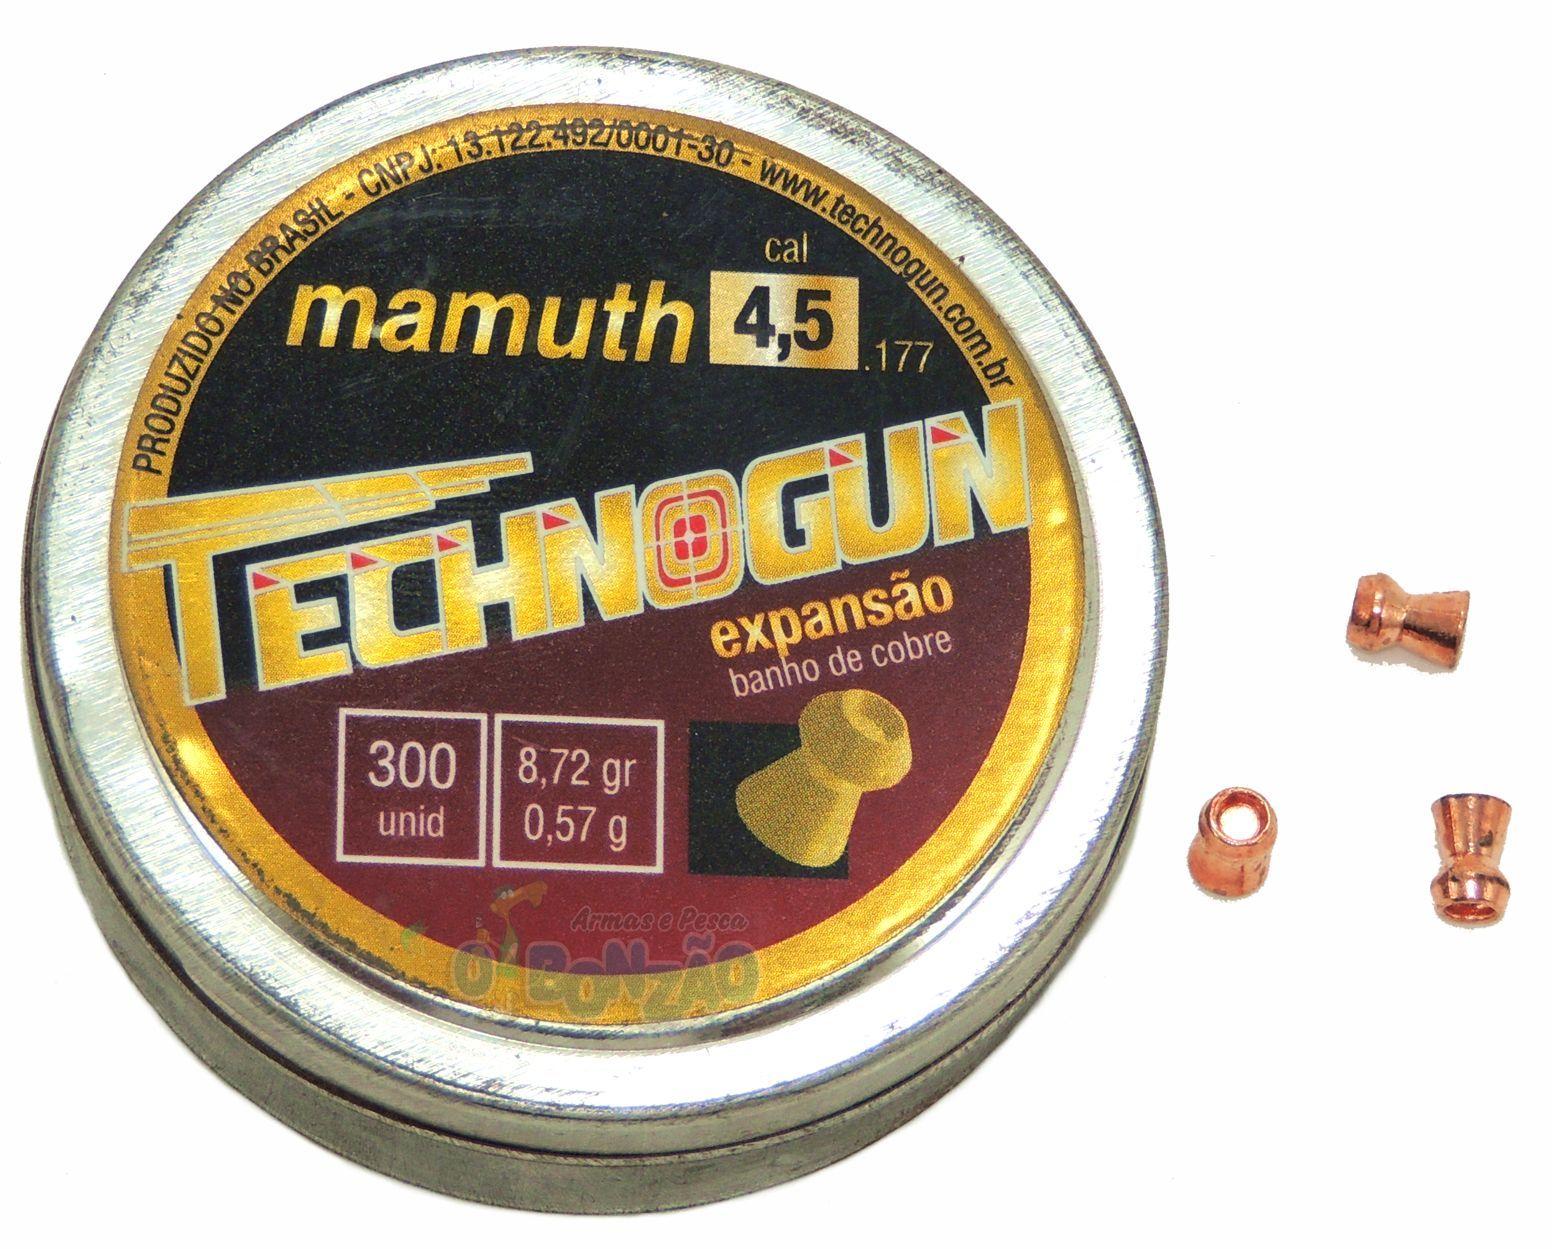 Chumbinho Technogun Mamuth Expansão Cal. 4,5mm - 300 unidades Banho de Cobre